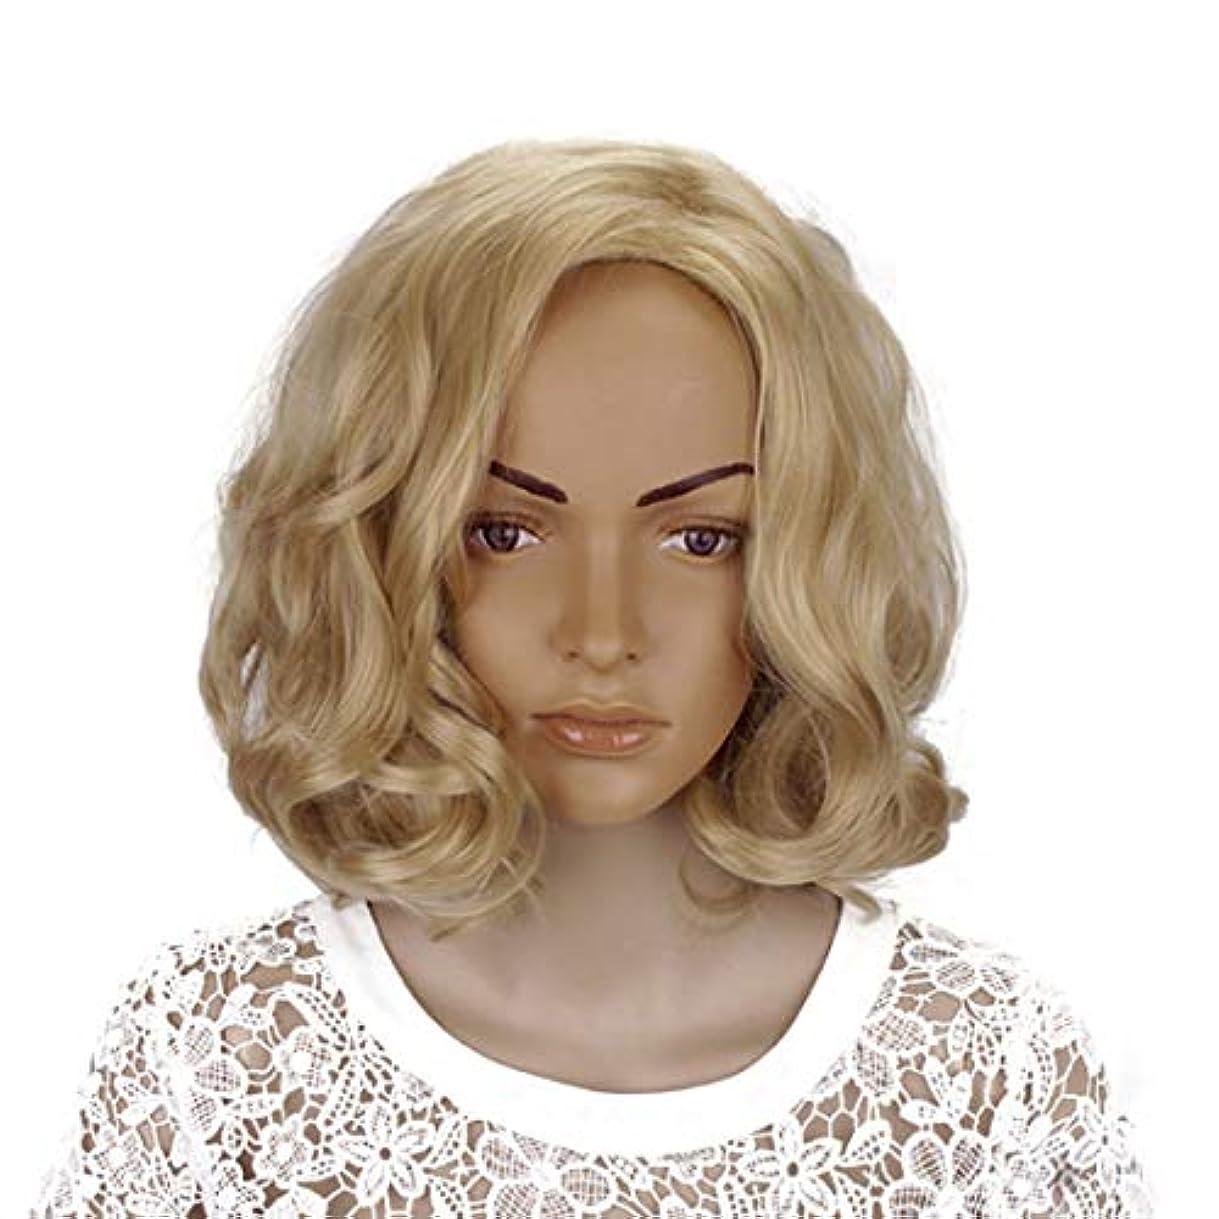 グラフィック自転車錫YOUQIU 女性のかつらのための傾斜部前髪コスプレ衣装デイリーパーティーウィッグブロンド14インチ女性ボボカーリーの合成 (色 : Blonde, サイズ : 14